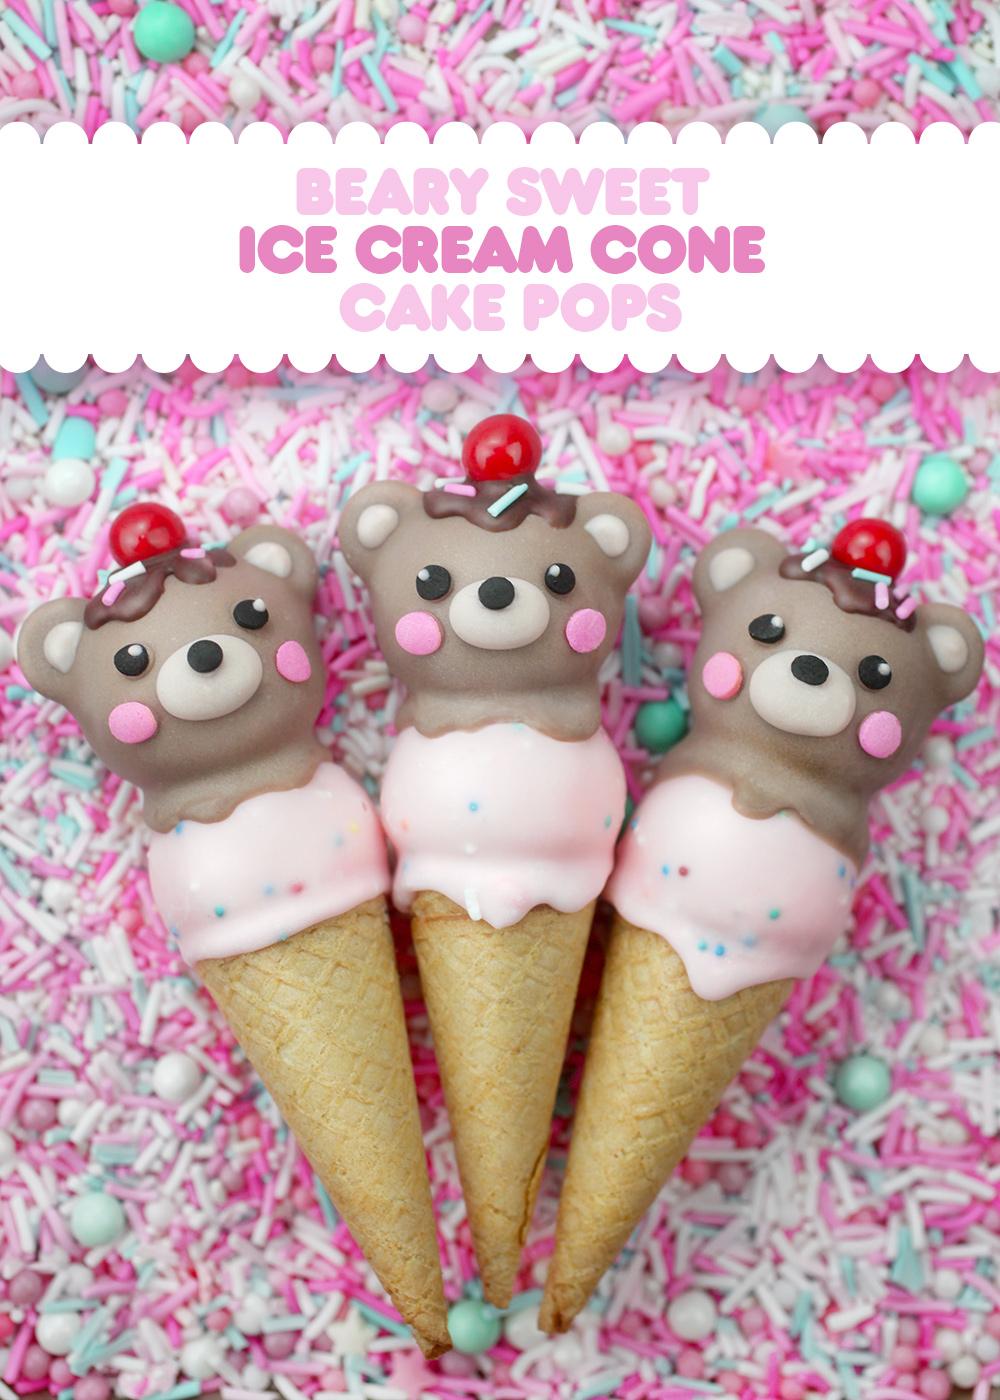 Beary Sweet Ice Cream Cones